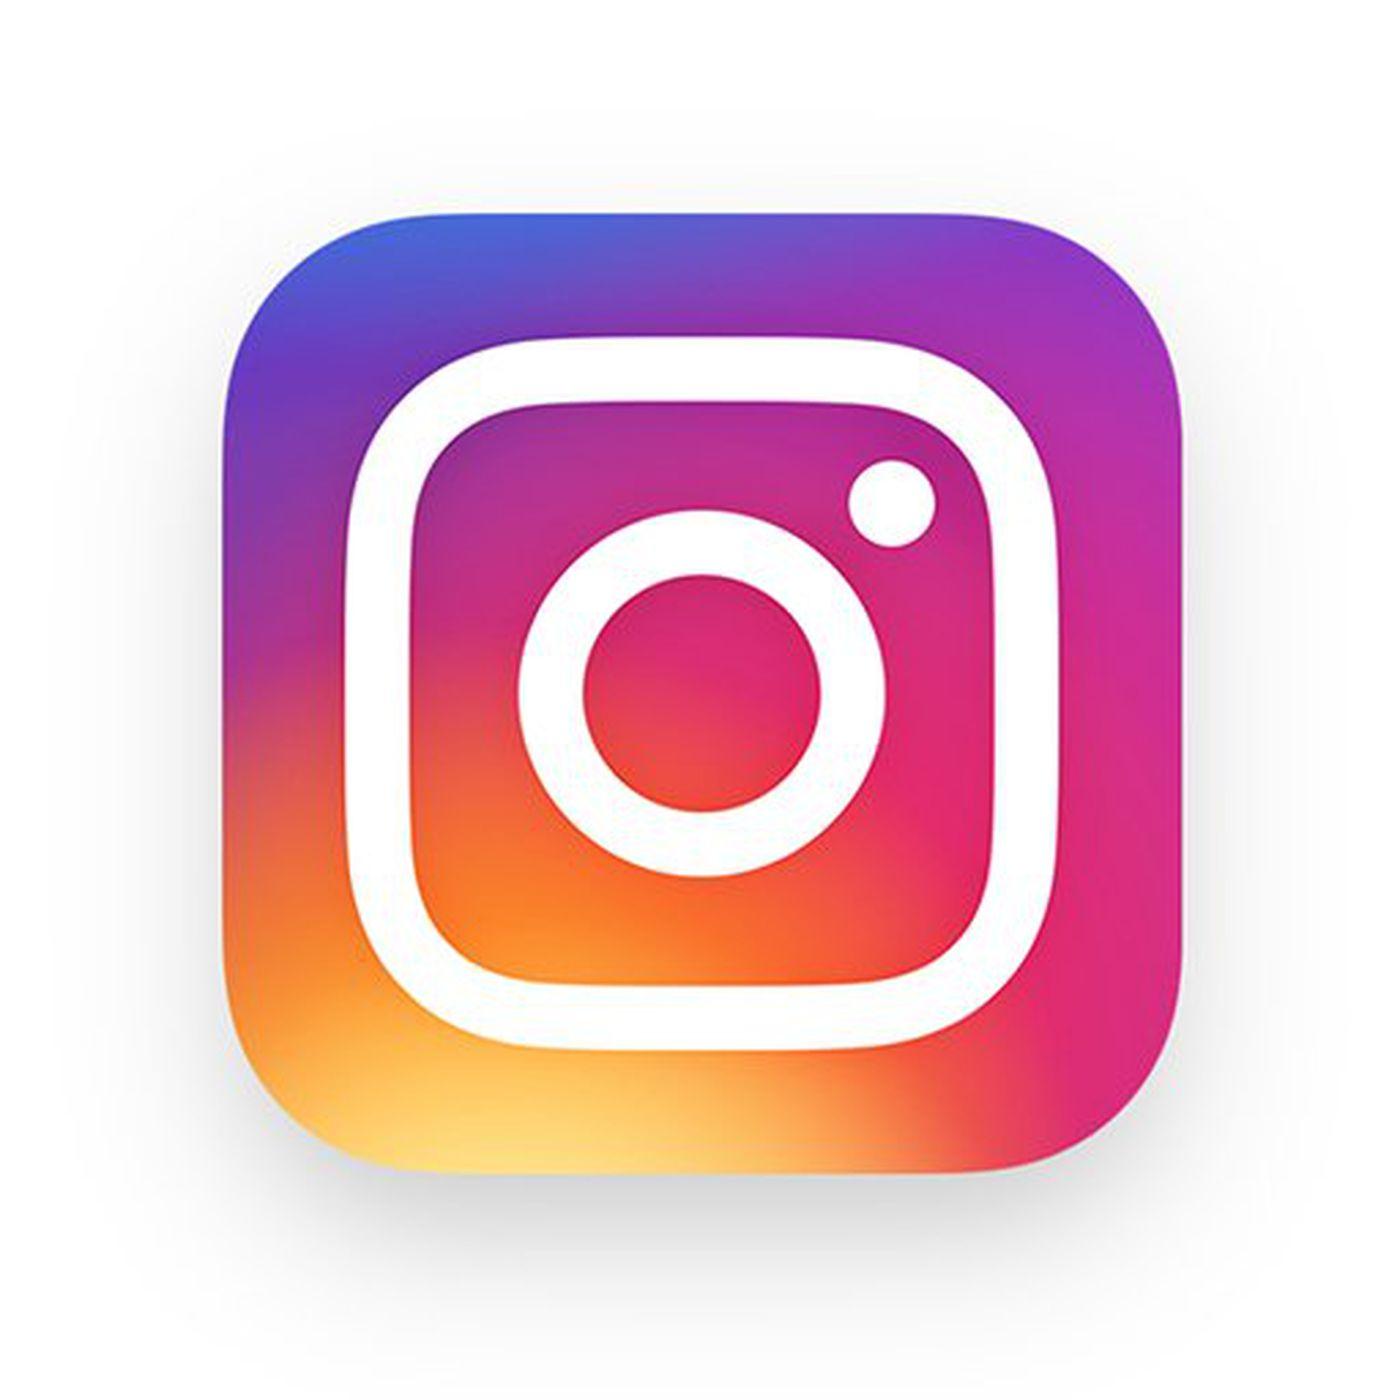 """Résultat de recherche d'images pour """"instagram app icon"""""""